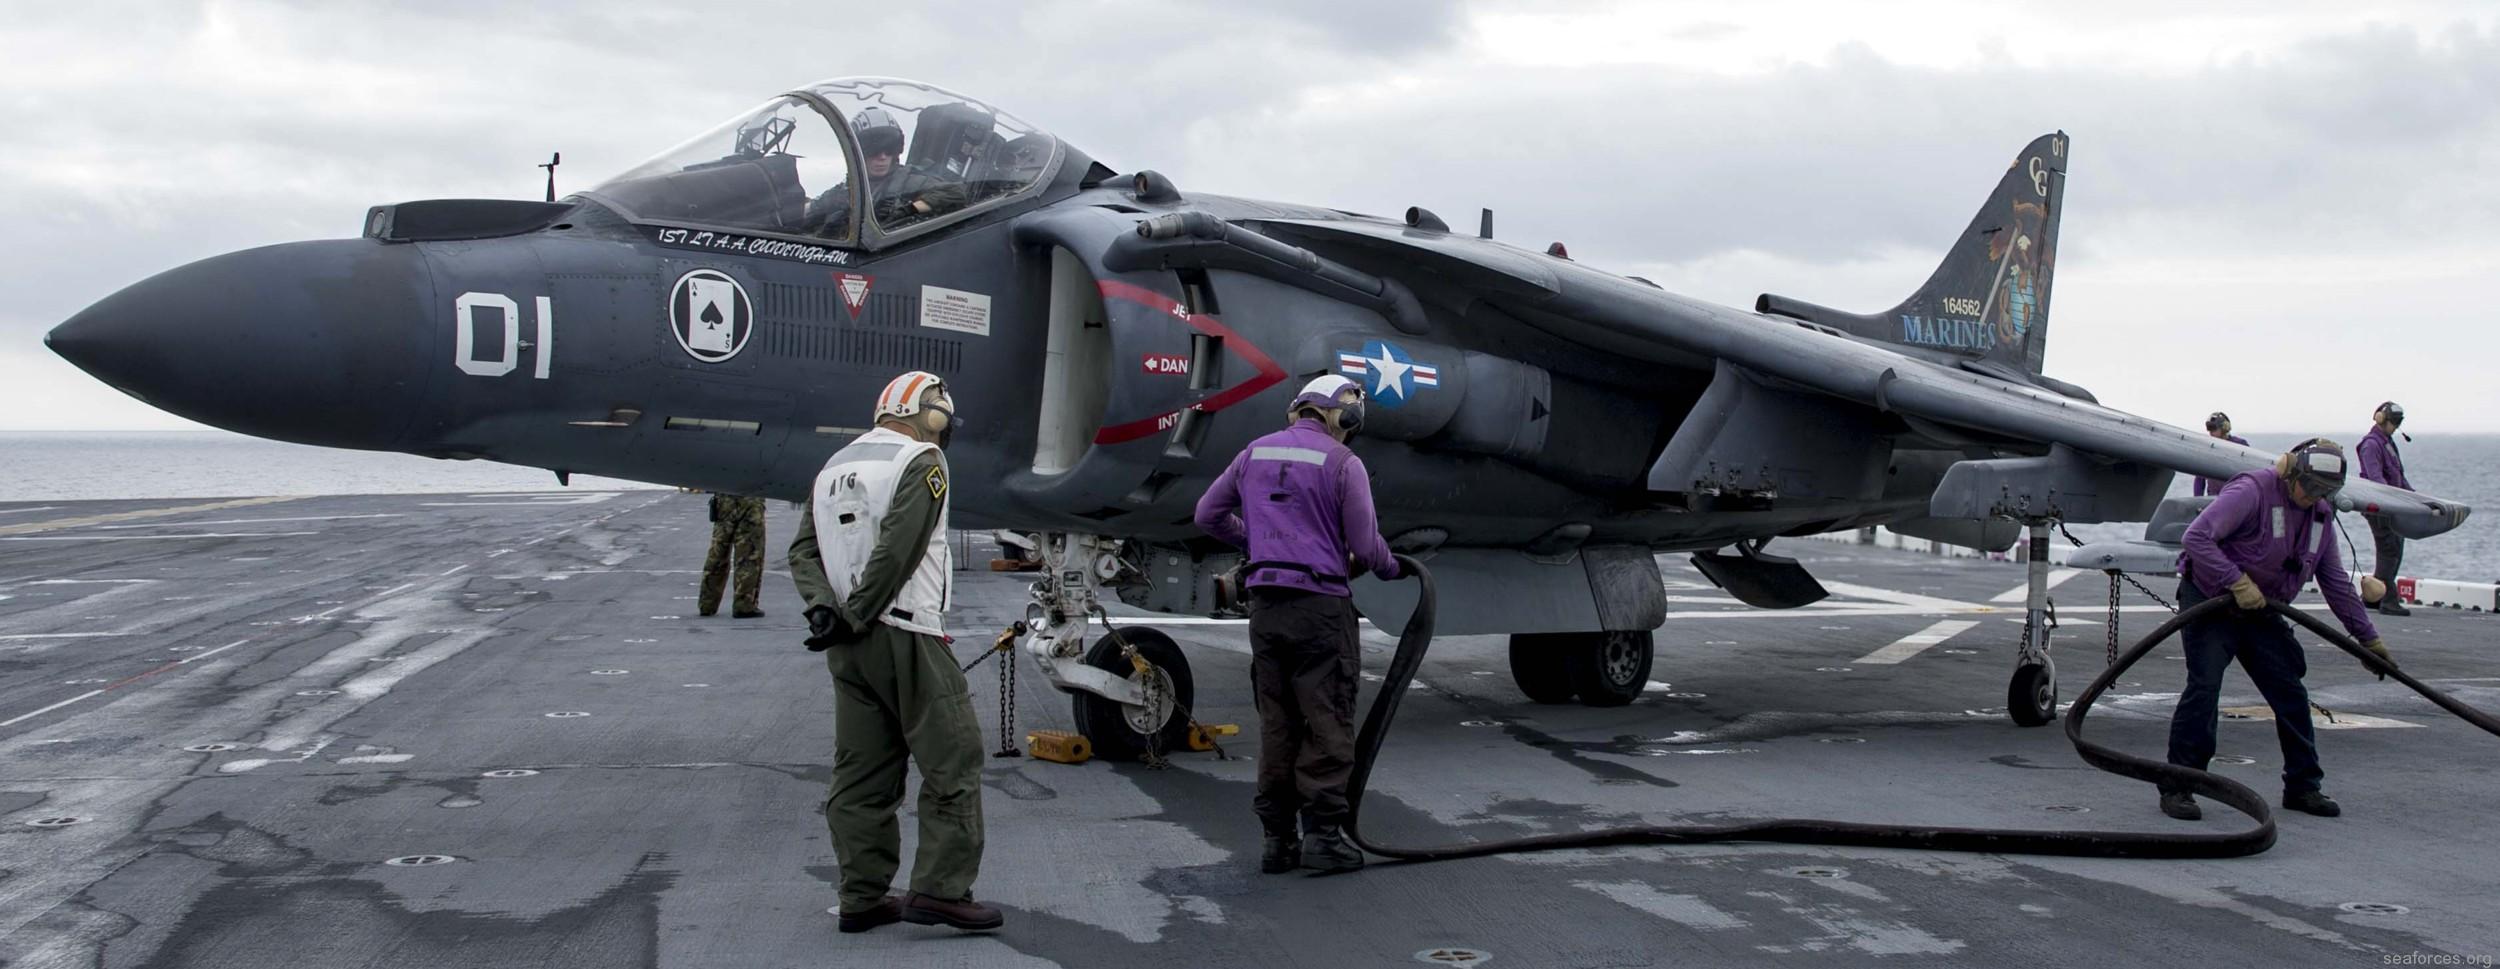 vma-231 ace of spades av-8b harrier marine attack squadron usmc 123 uss